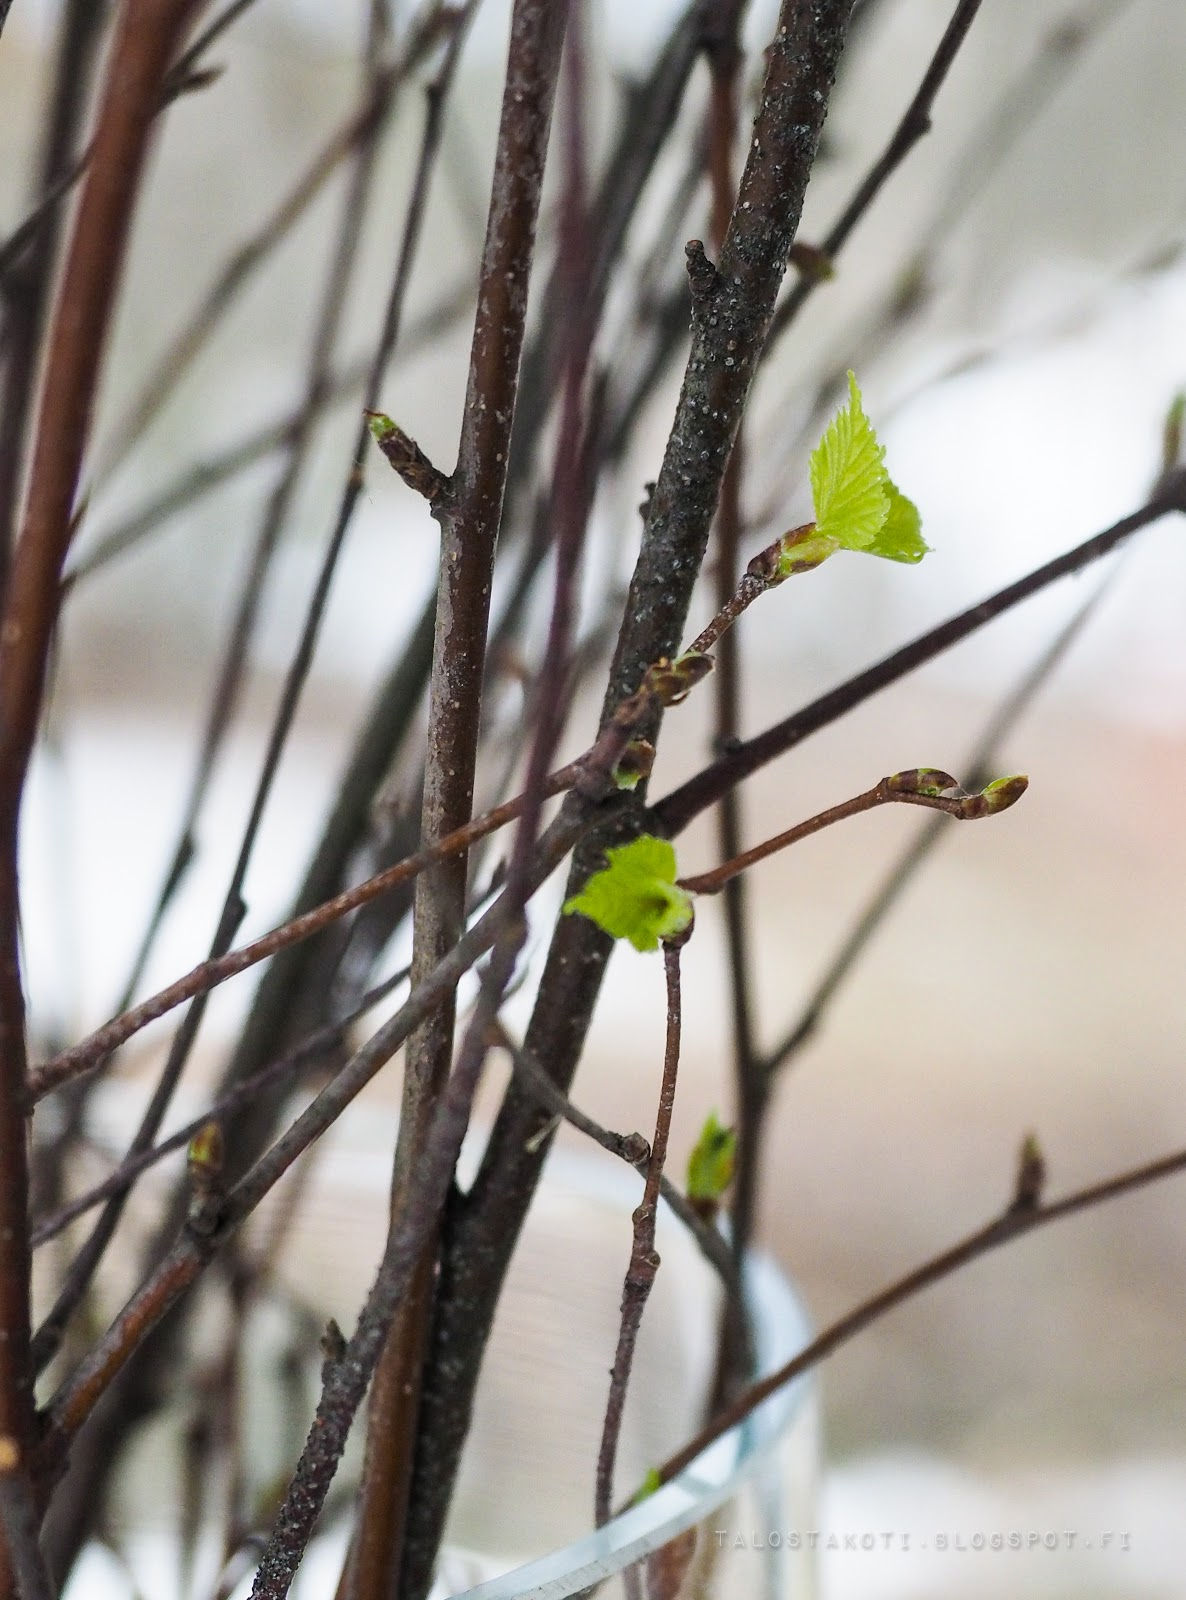 kevät, hiirenkorvat